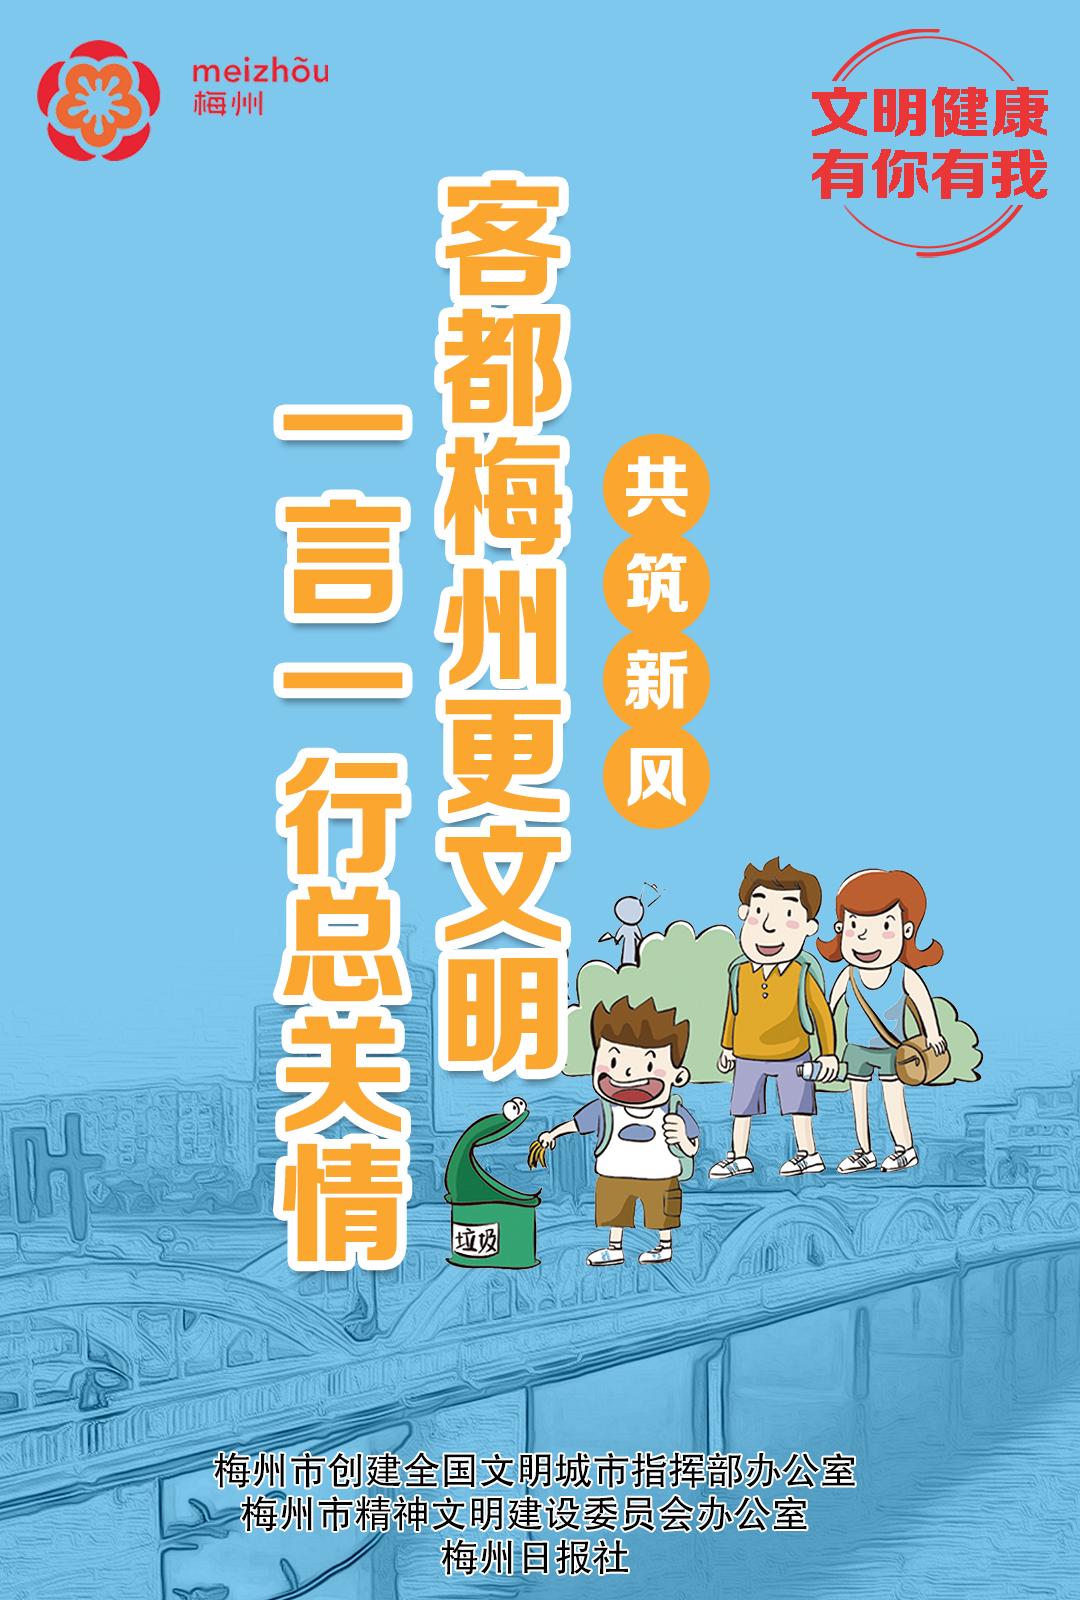 六画圈、共筑新风-2.文明有礼(竖).png